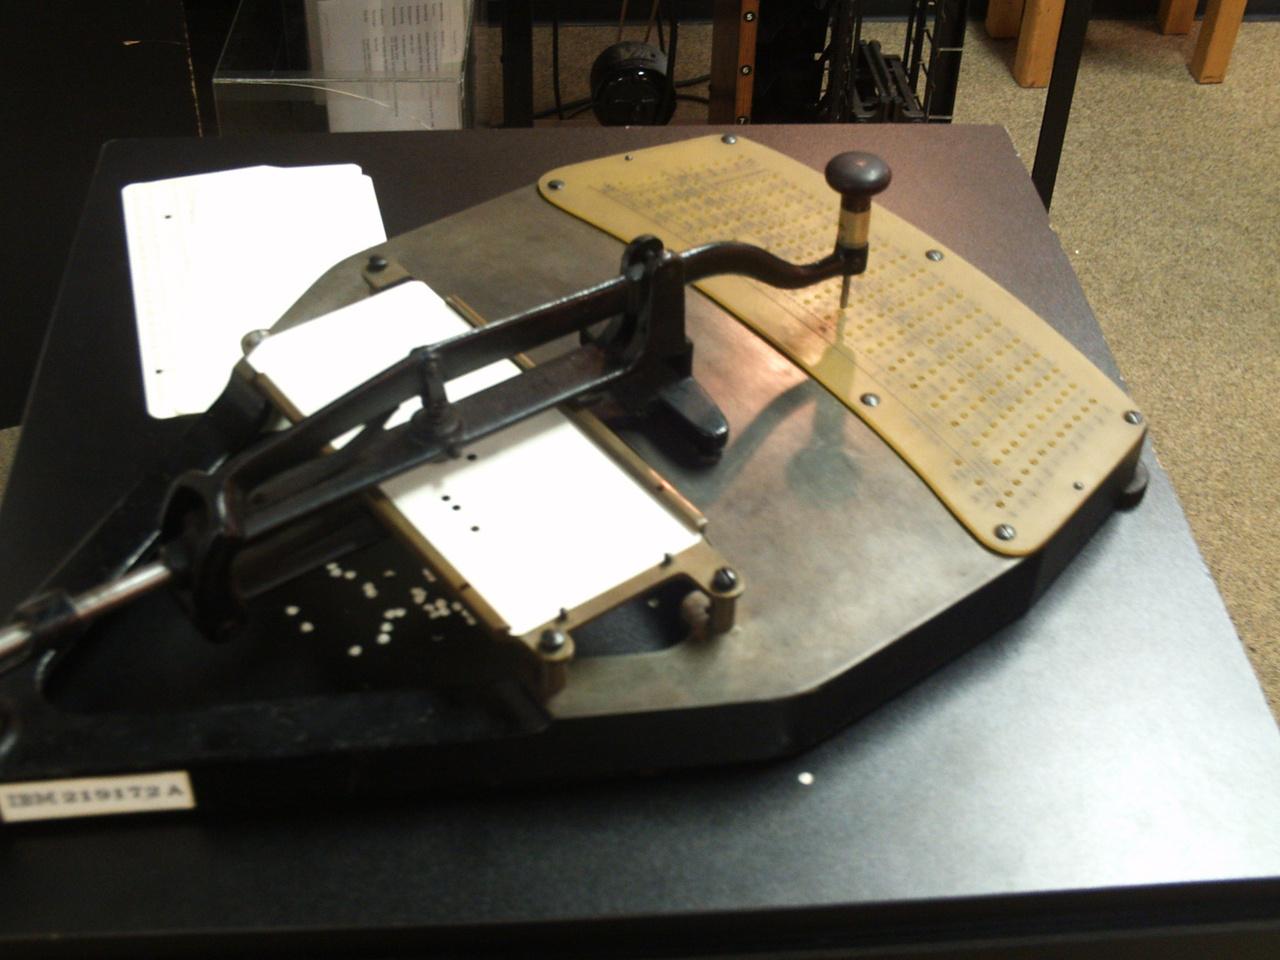 Herman Holleriths Pantograph von 1890 lochte erstmals Lochkarten, um für eine Volkszählung Daten zu bezeichnen und zu speichern. Die vordere Platte war auswechelbar - für andere Daten (Bild: Michael Matzer).